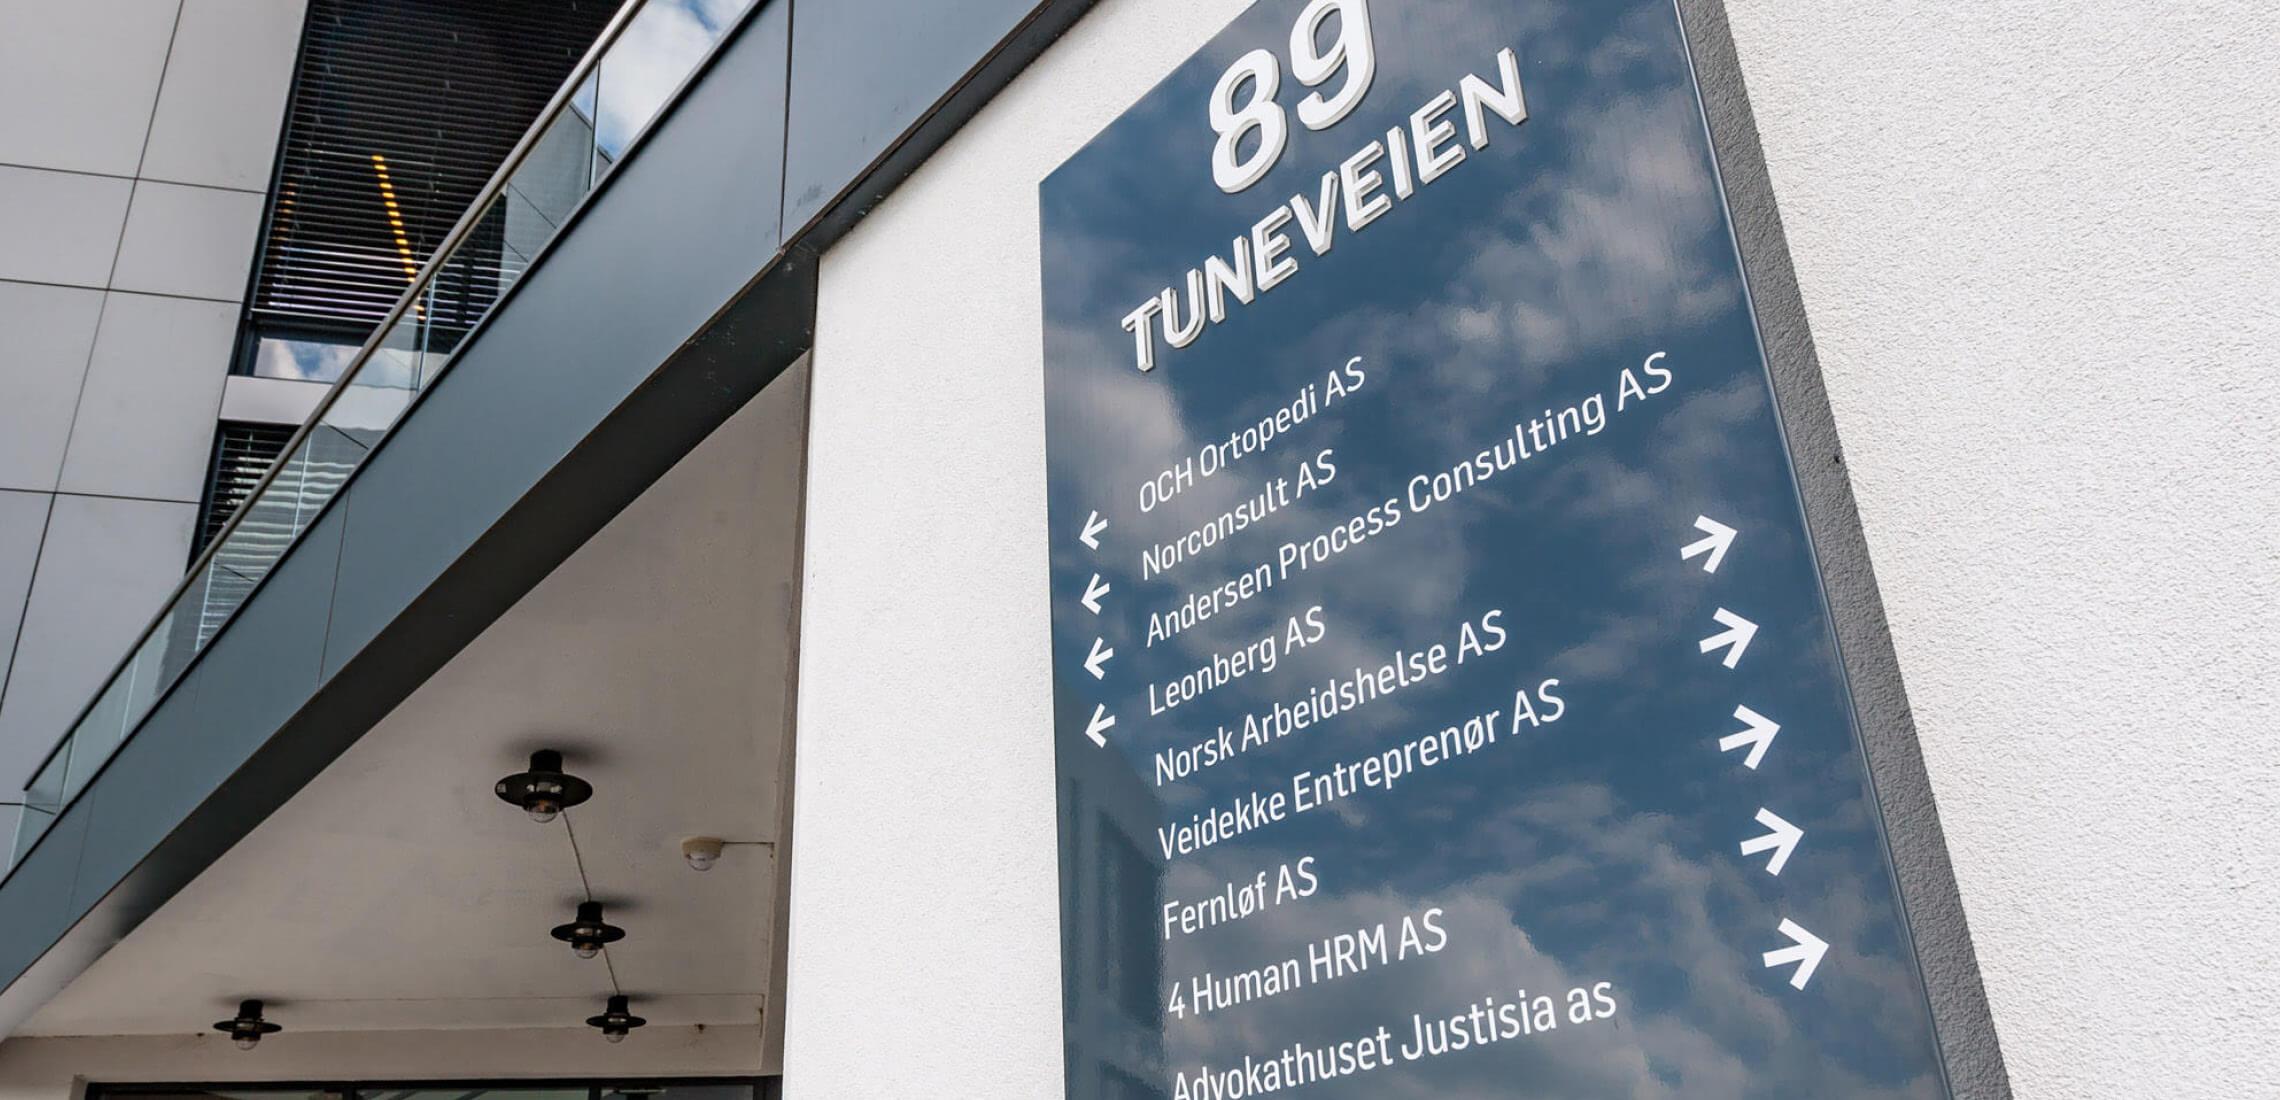 Tuneveien 89